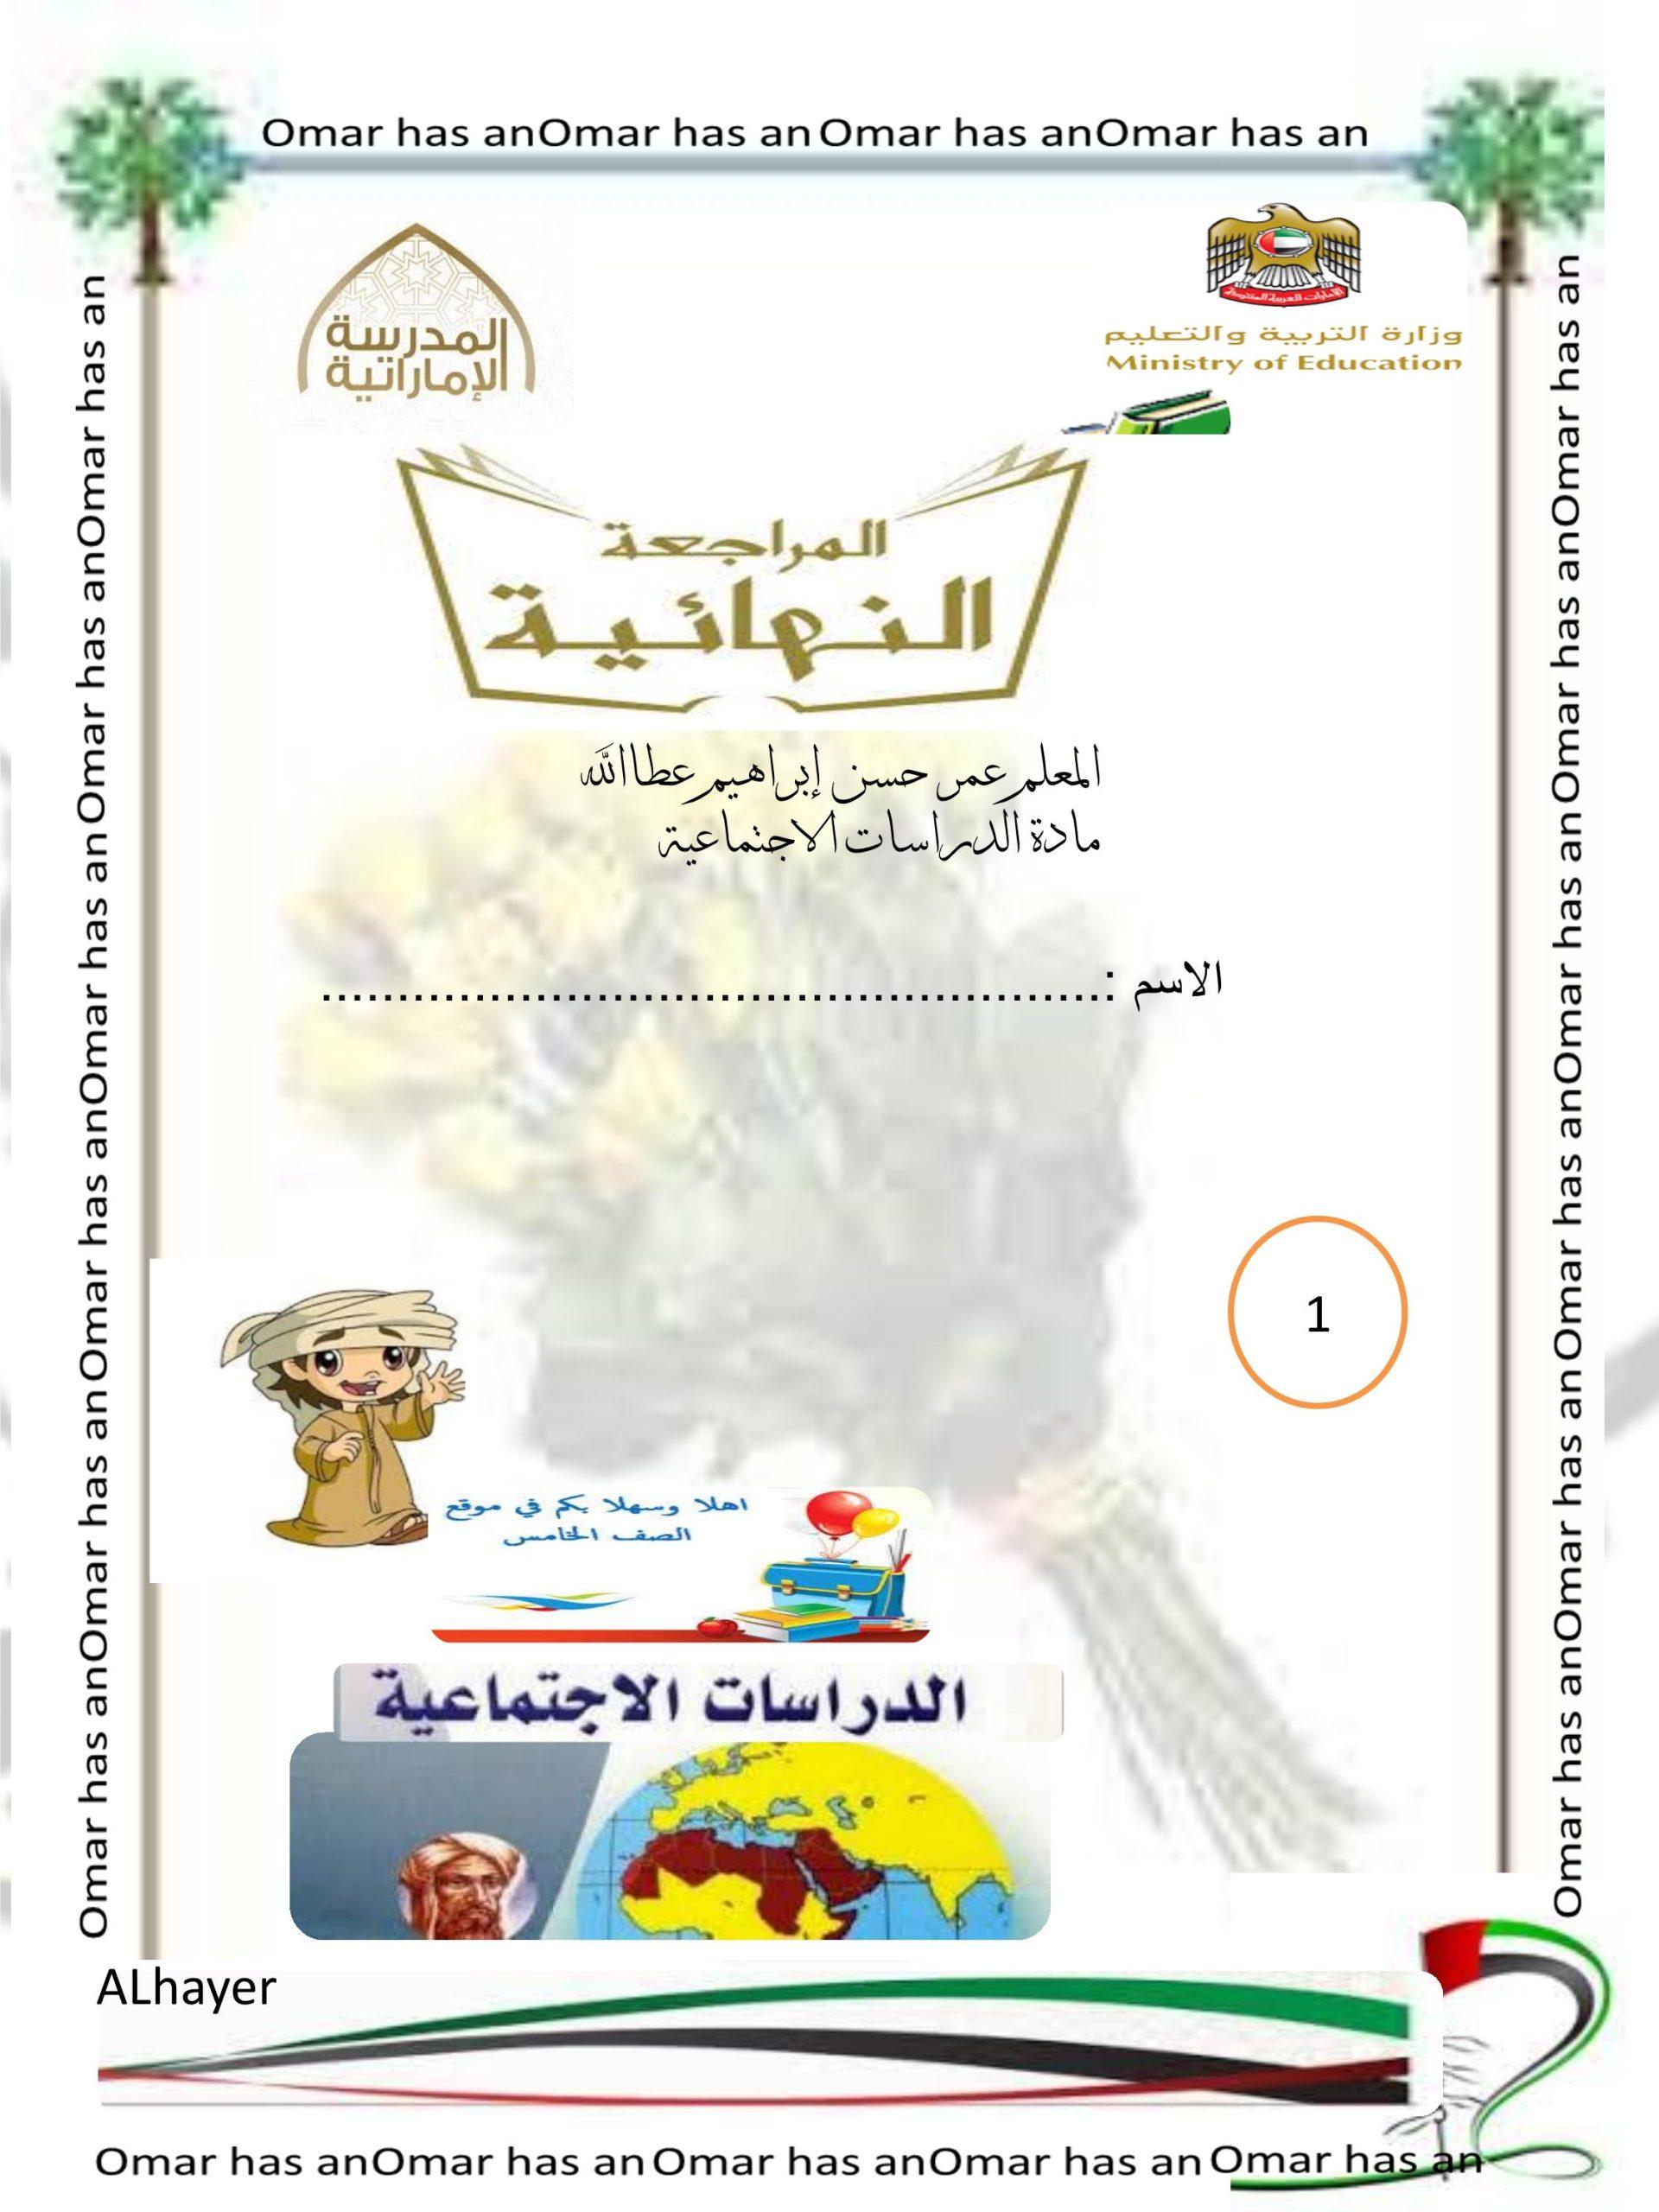 اوراق عمل مراجعة نهائية الصف الخامس مادة الدراسات الاجتماعية والتربية الوطنية